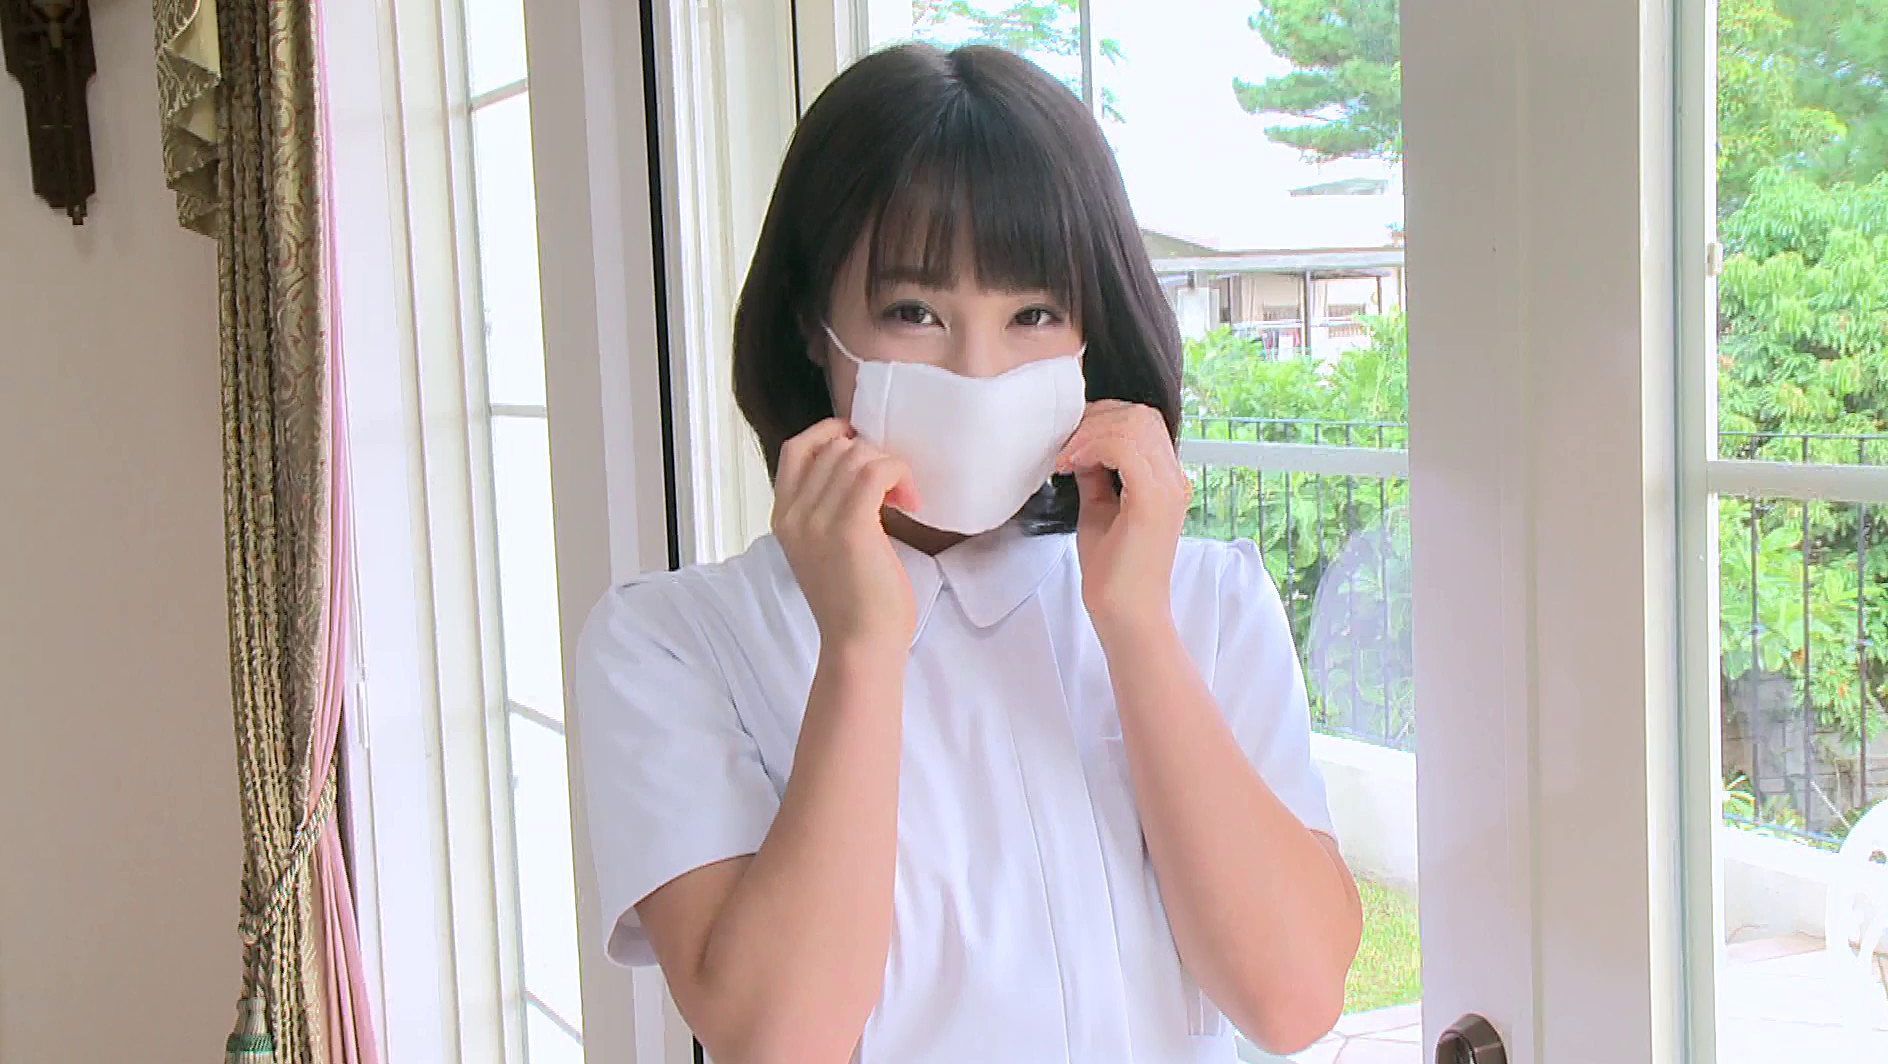 ワンちゃん 犬童美乃梨15